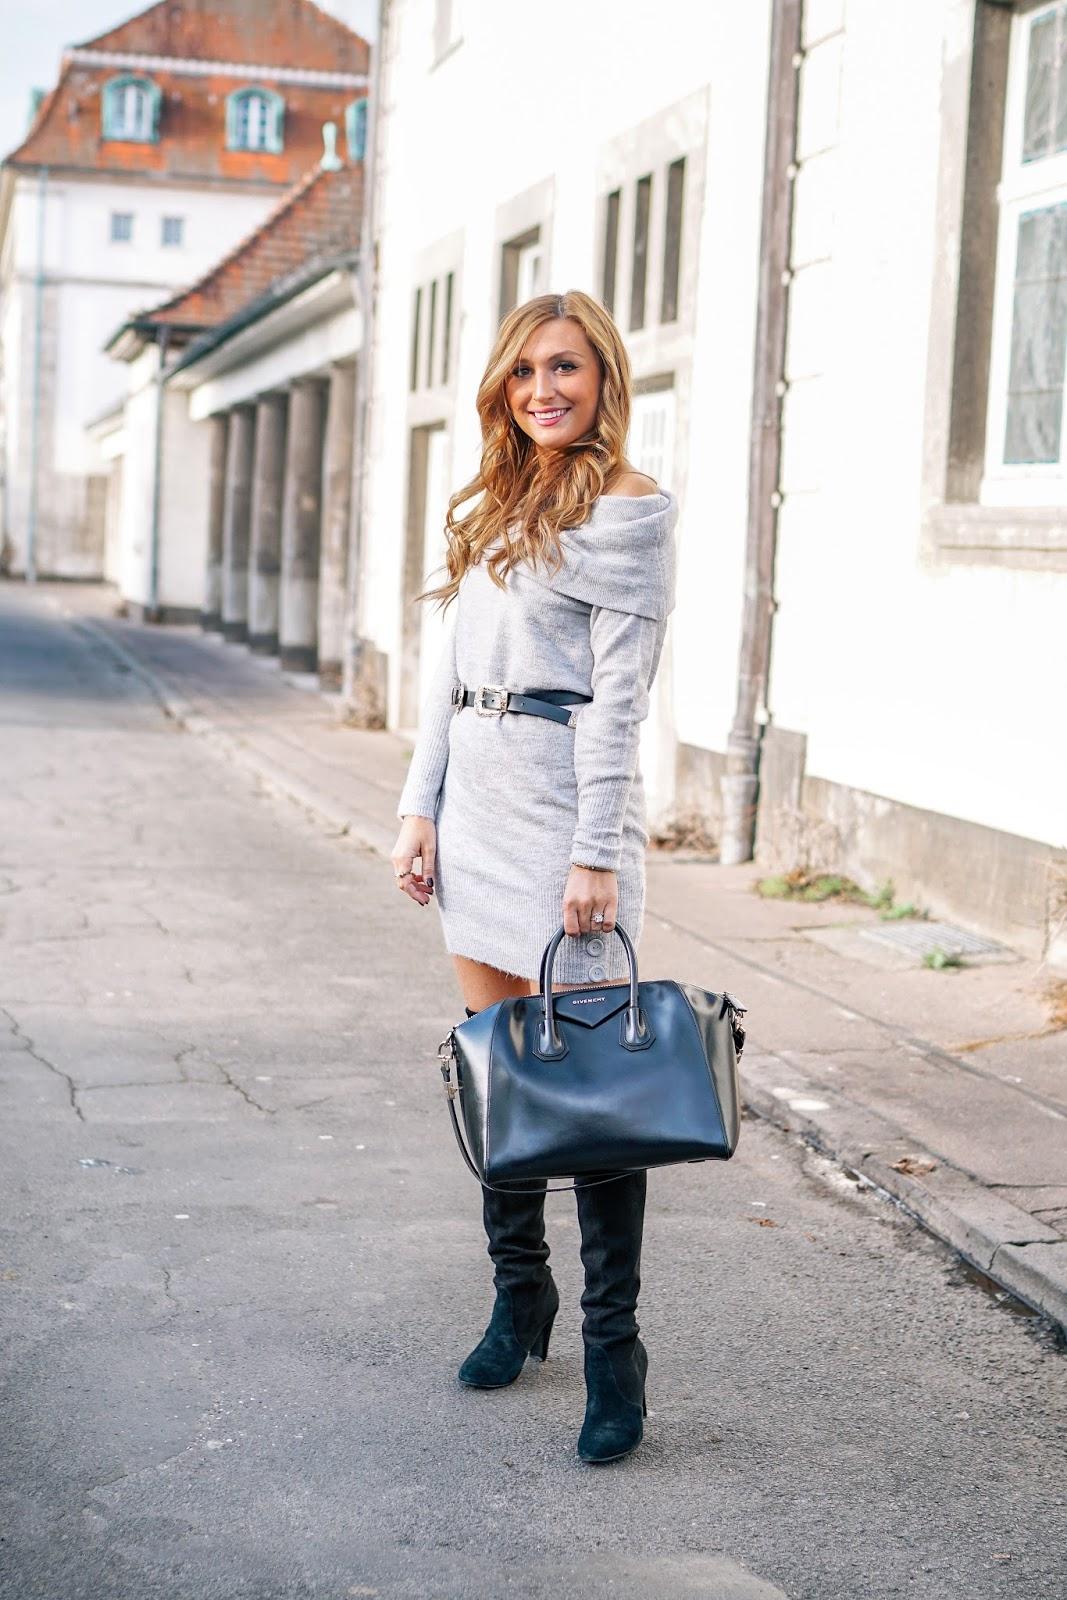 beiger-Zara-Mantel-wie-trage-ich-ein-graues-strickkleid-und-schwarze-overknees-fashionblogger-fashionstylebyjohanna